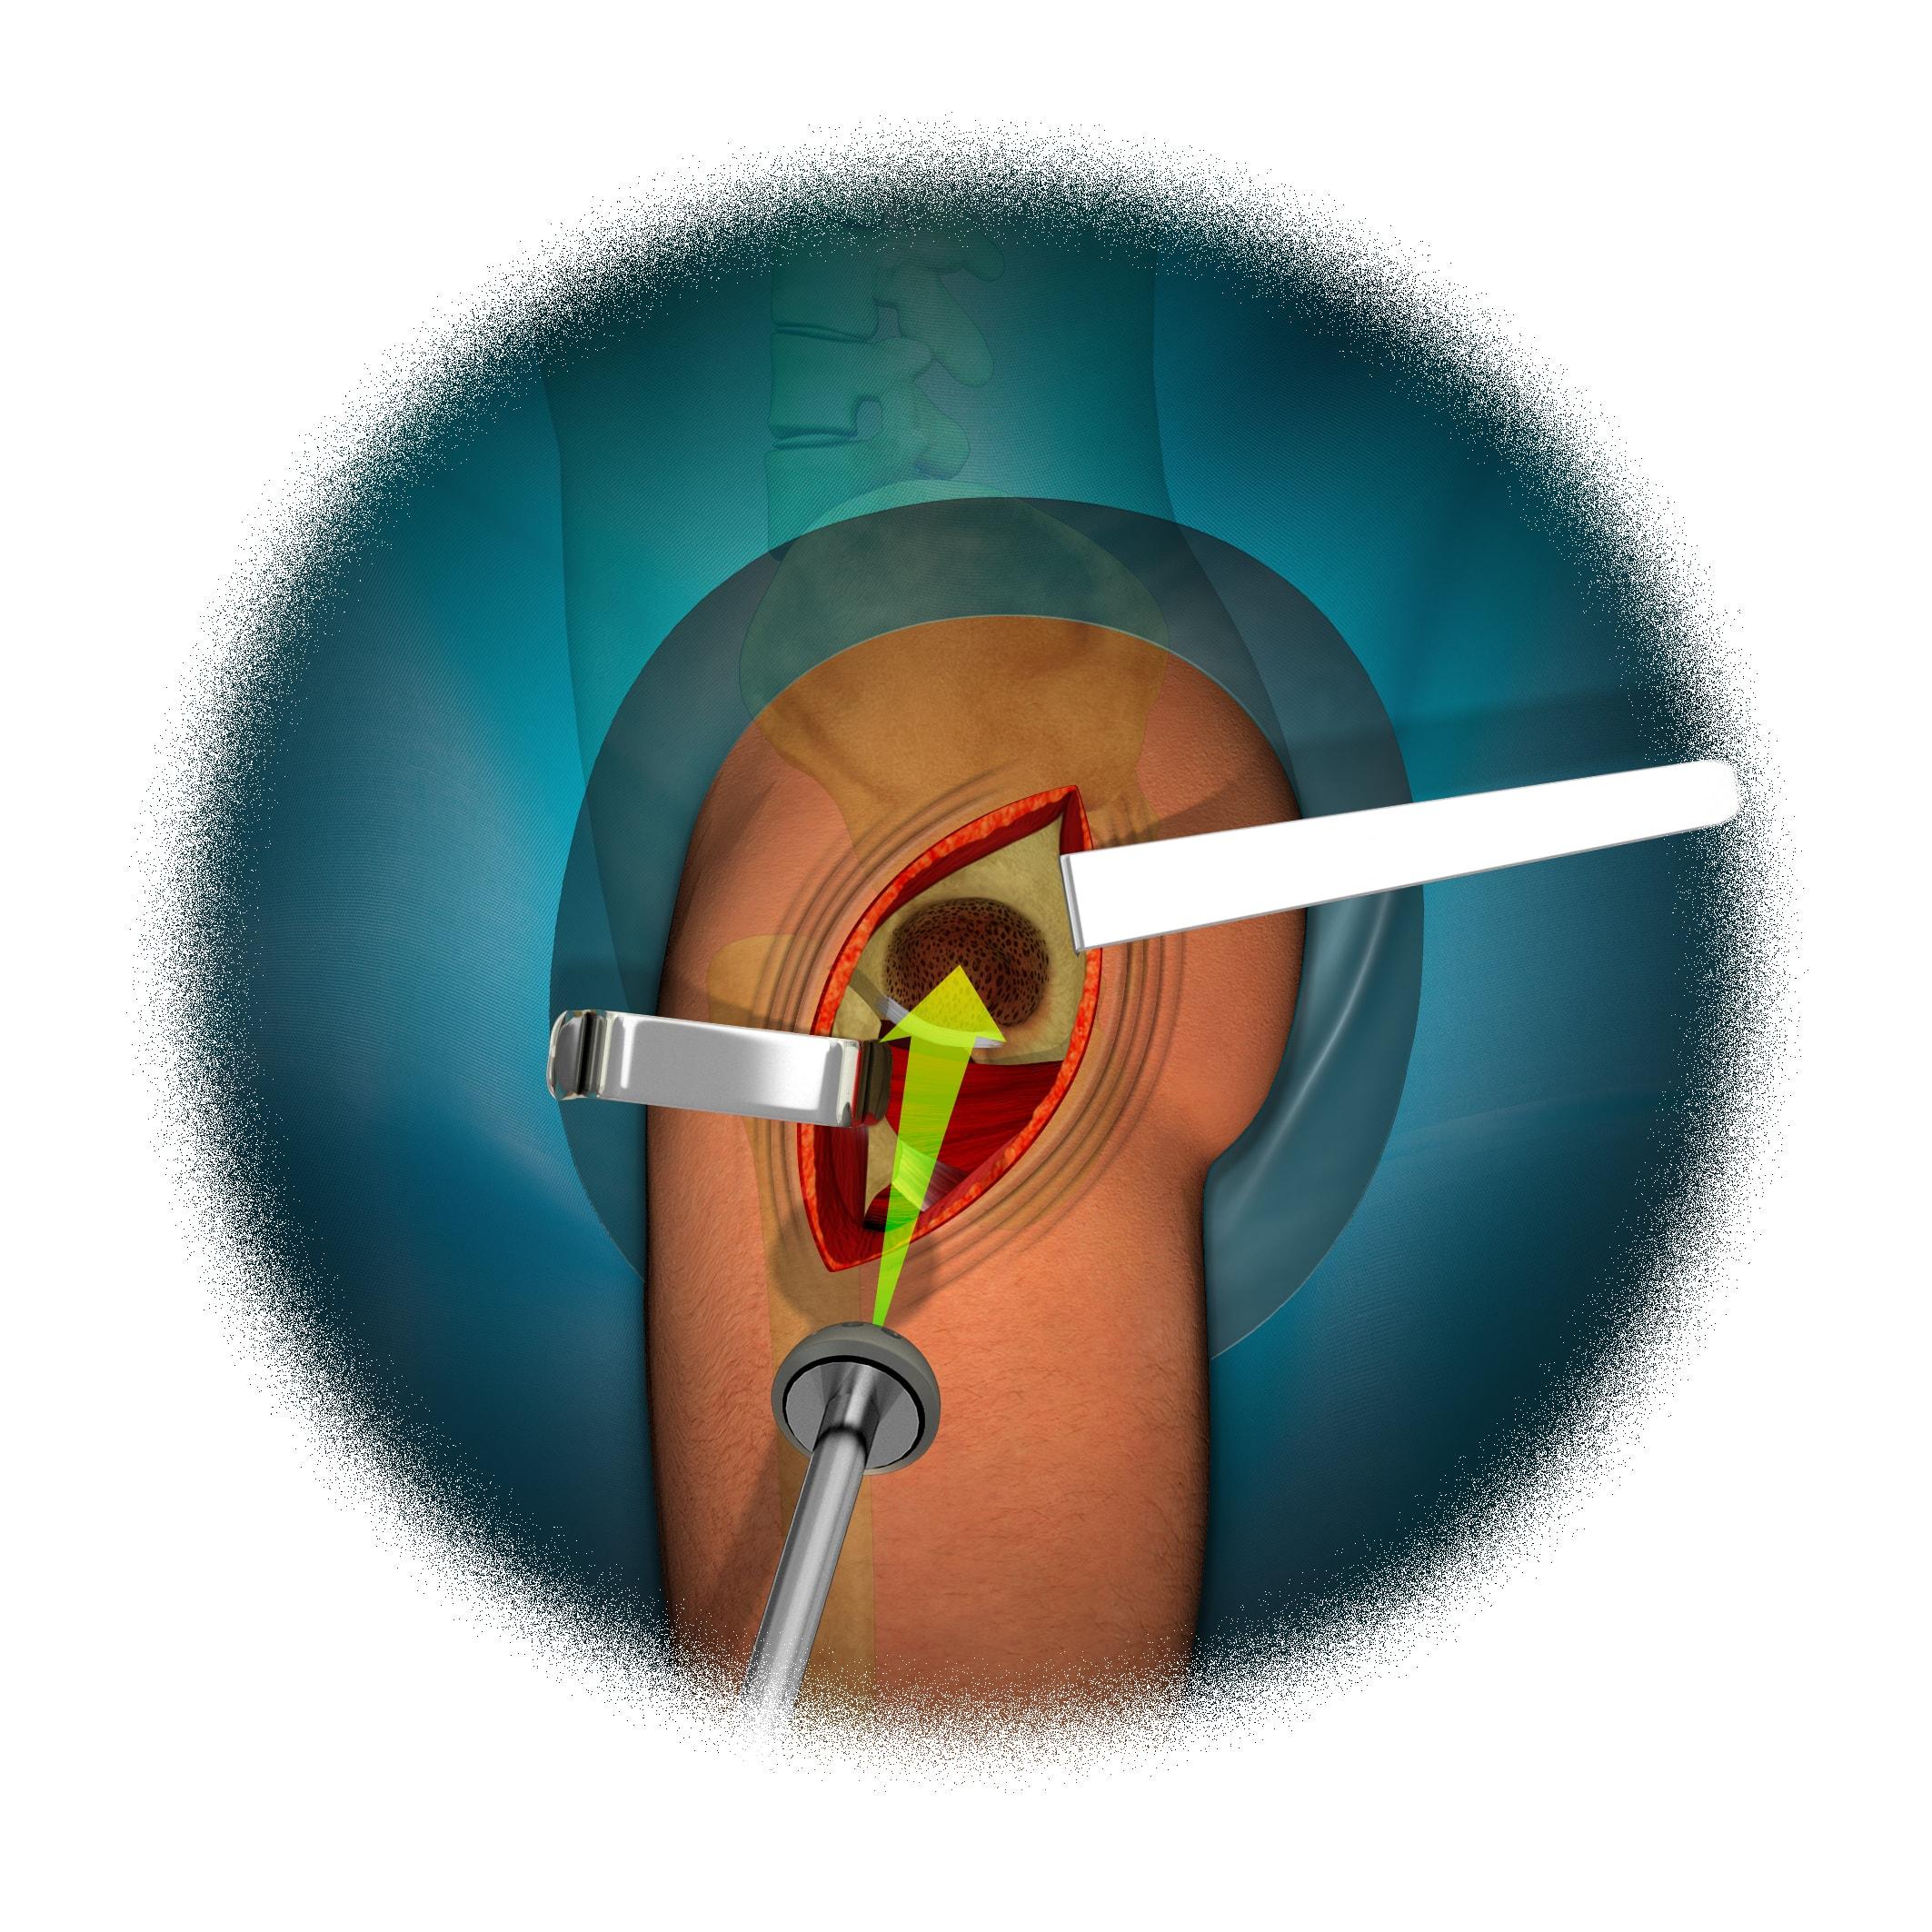 Reemplazo Total de Cadera 7 - Colocación componente acetabular